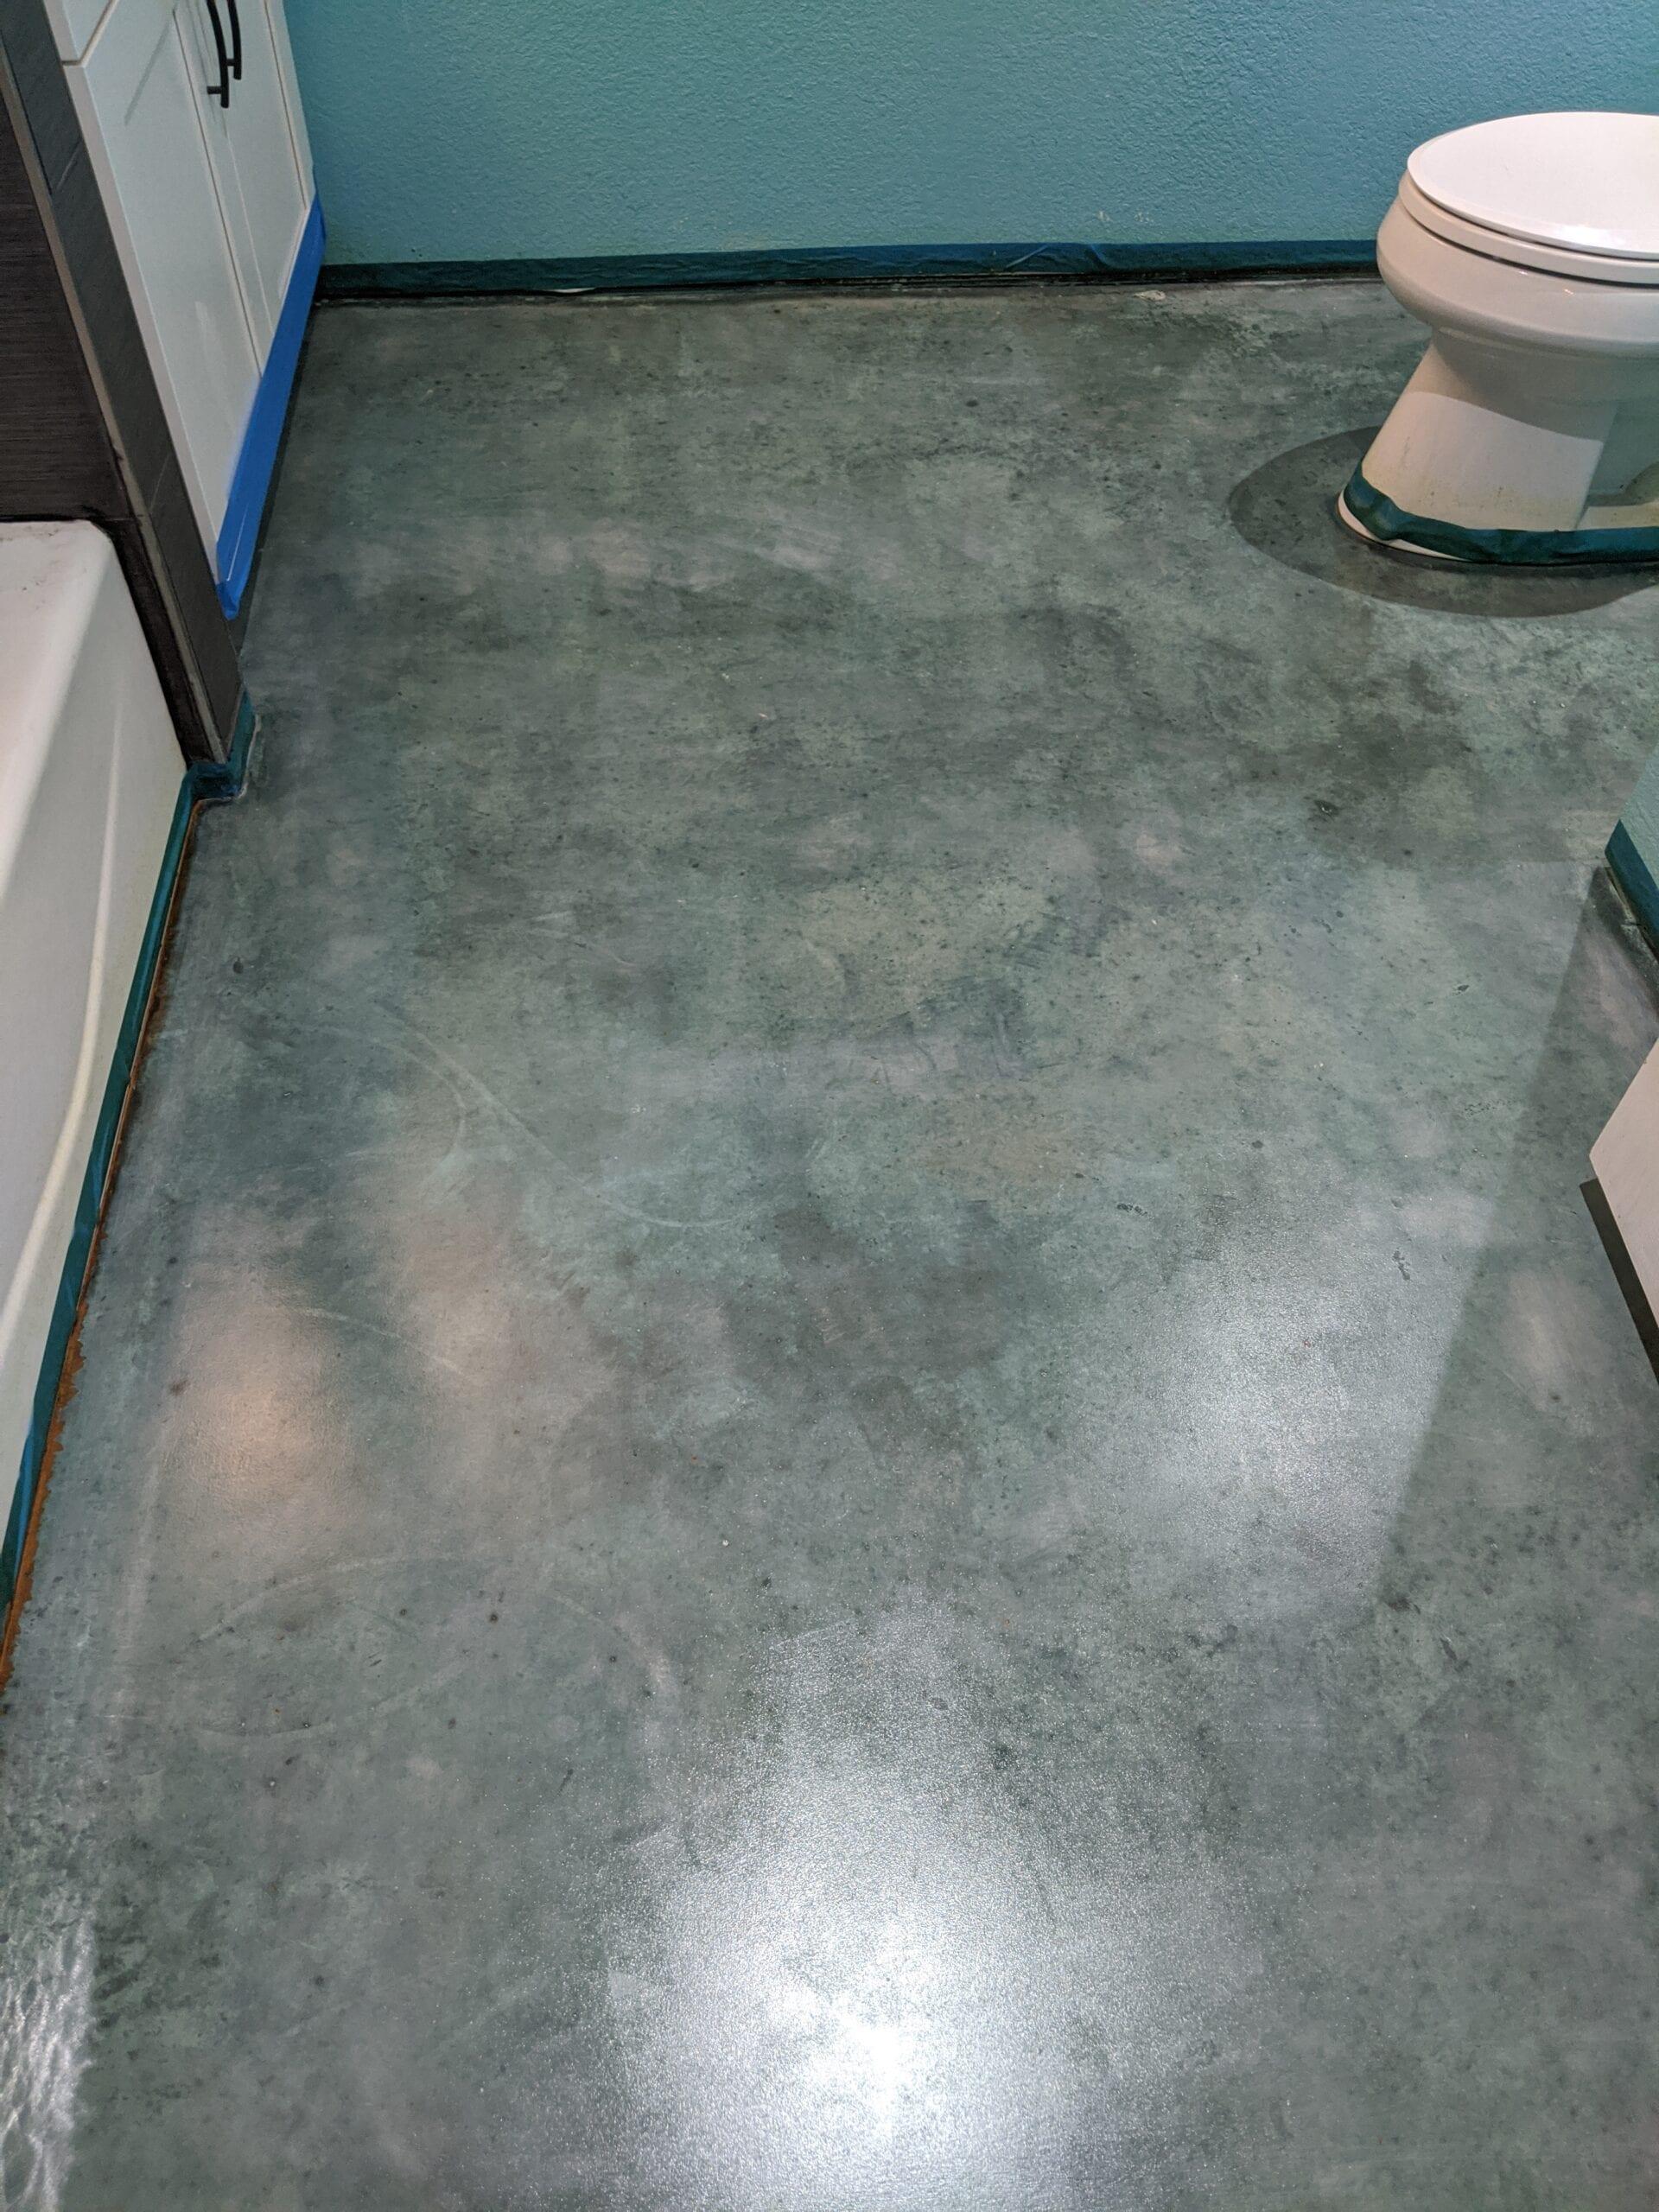 Stained Concrete Bathroom Floor